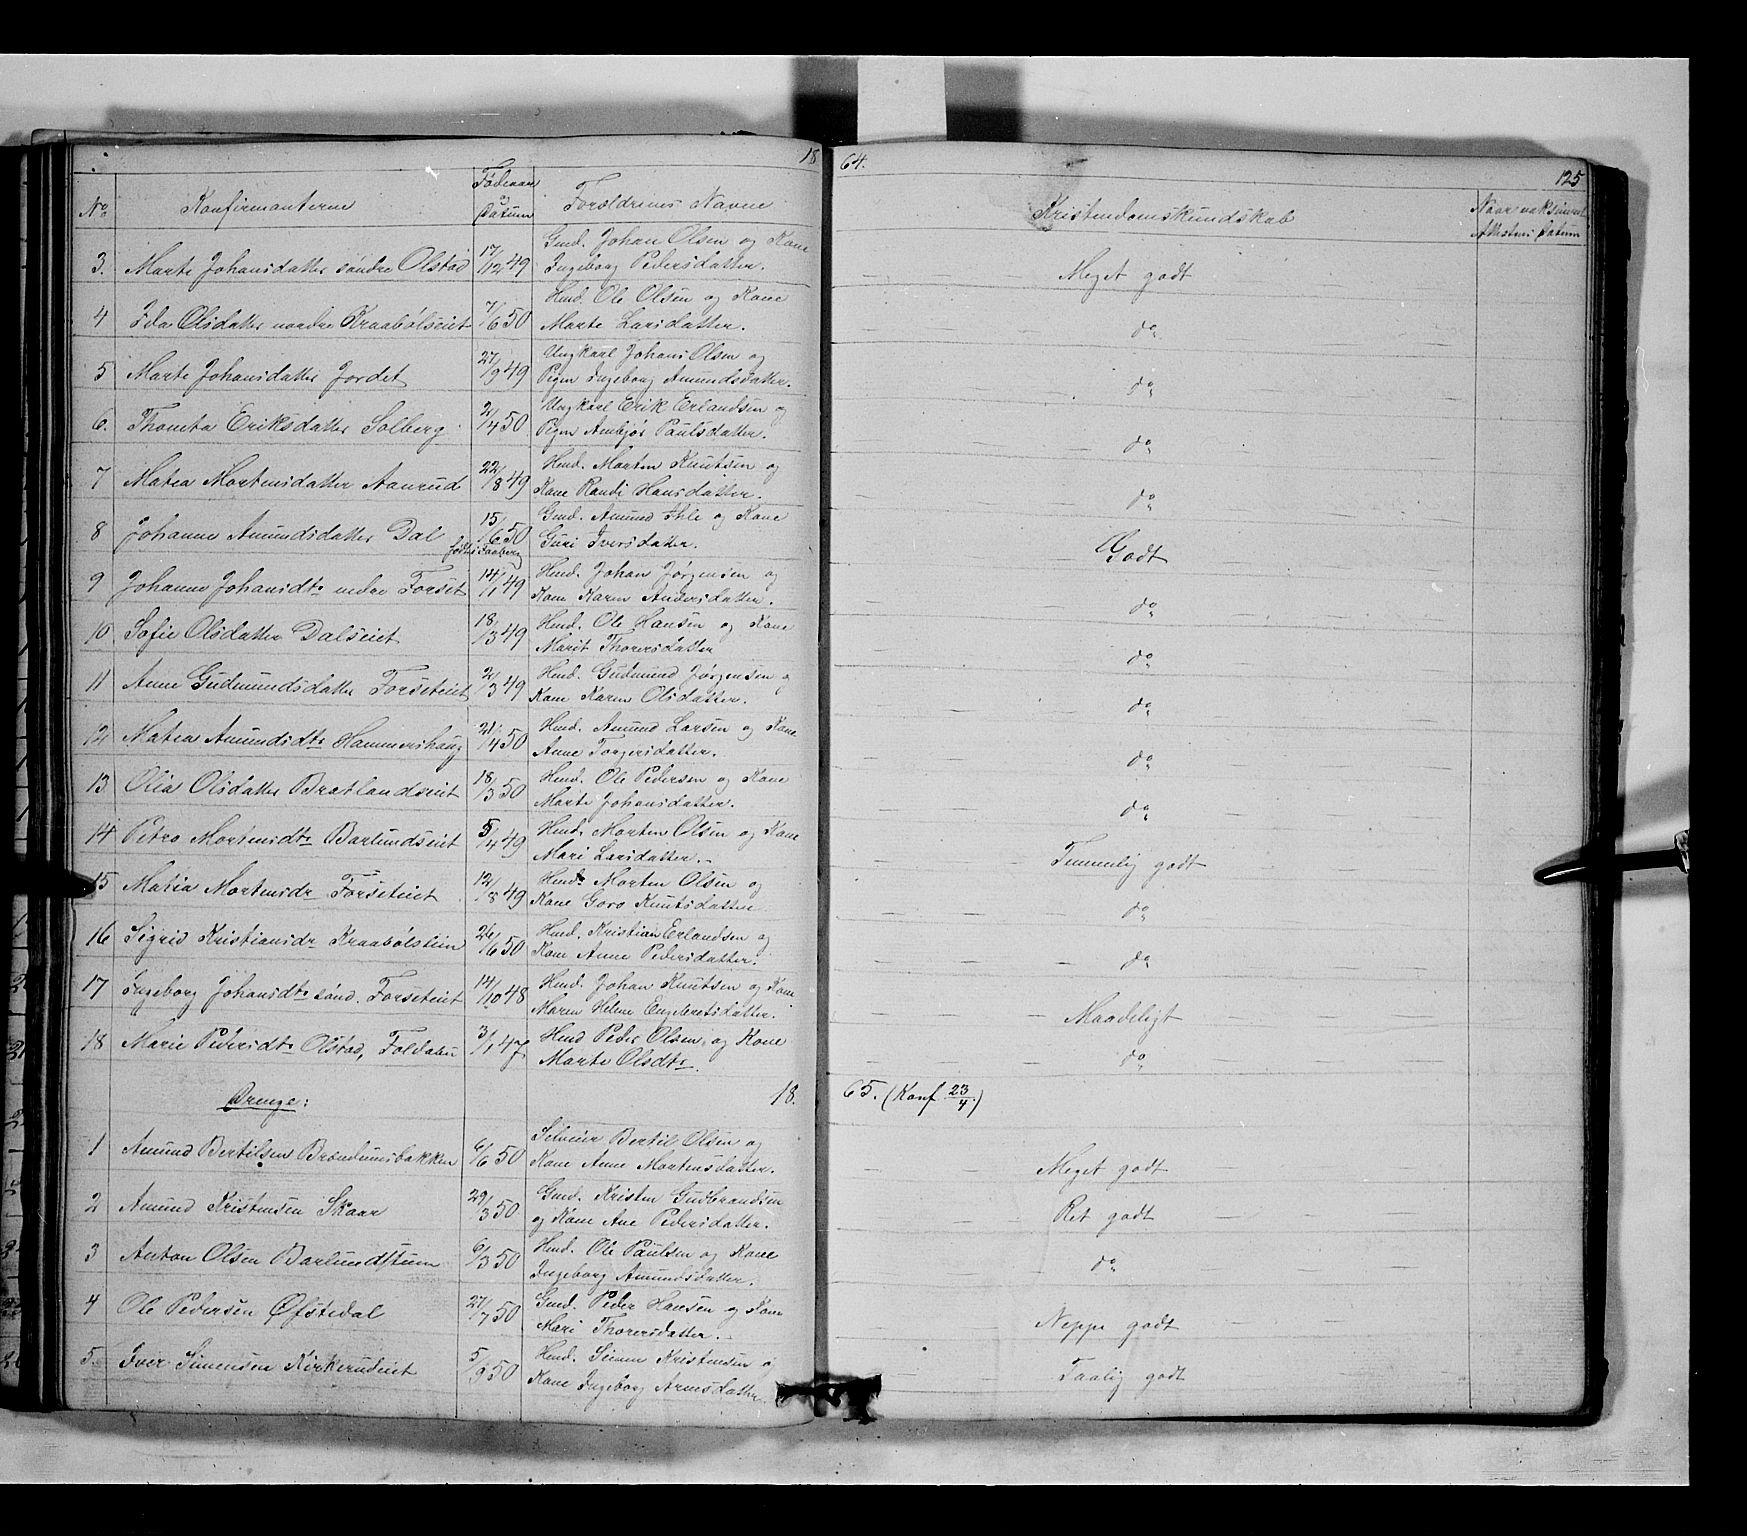 SAH, Gausdal prestekontor, Klokkerbok nr. 5, 1846-1867, s. 125